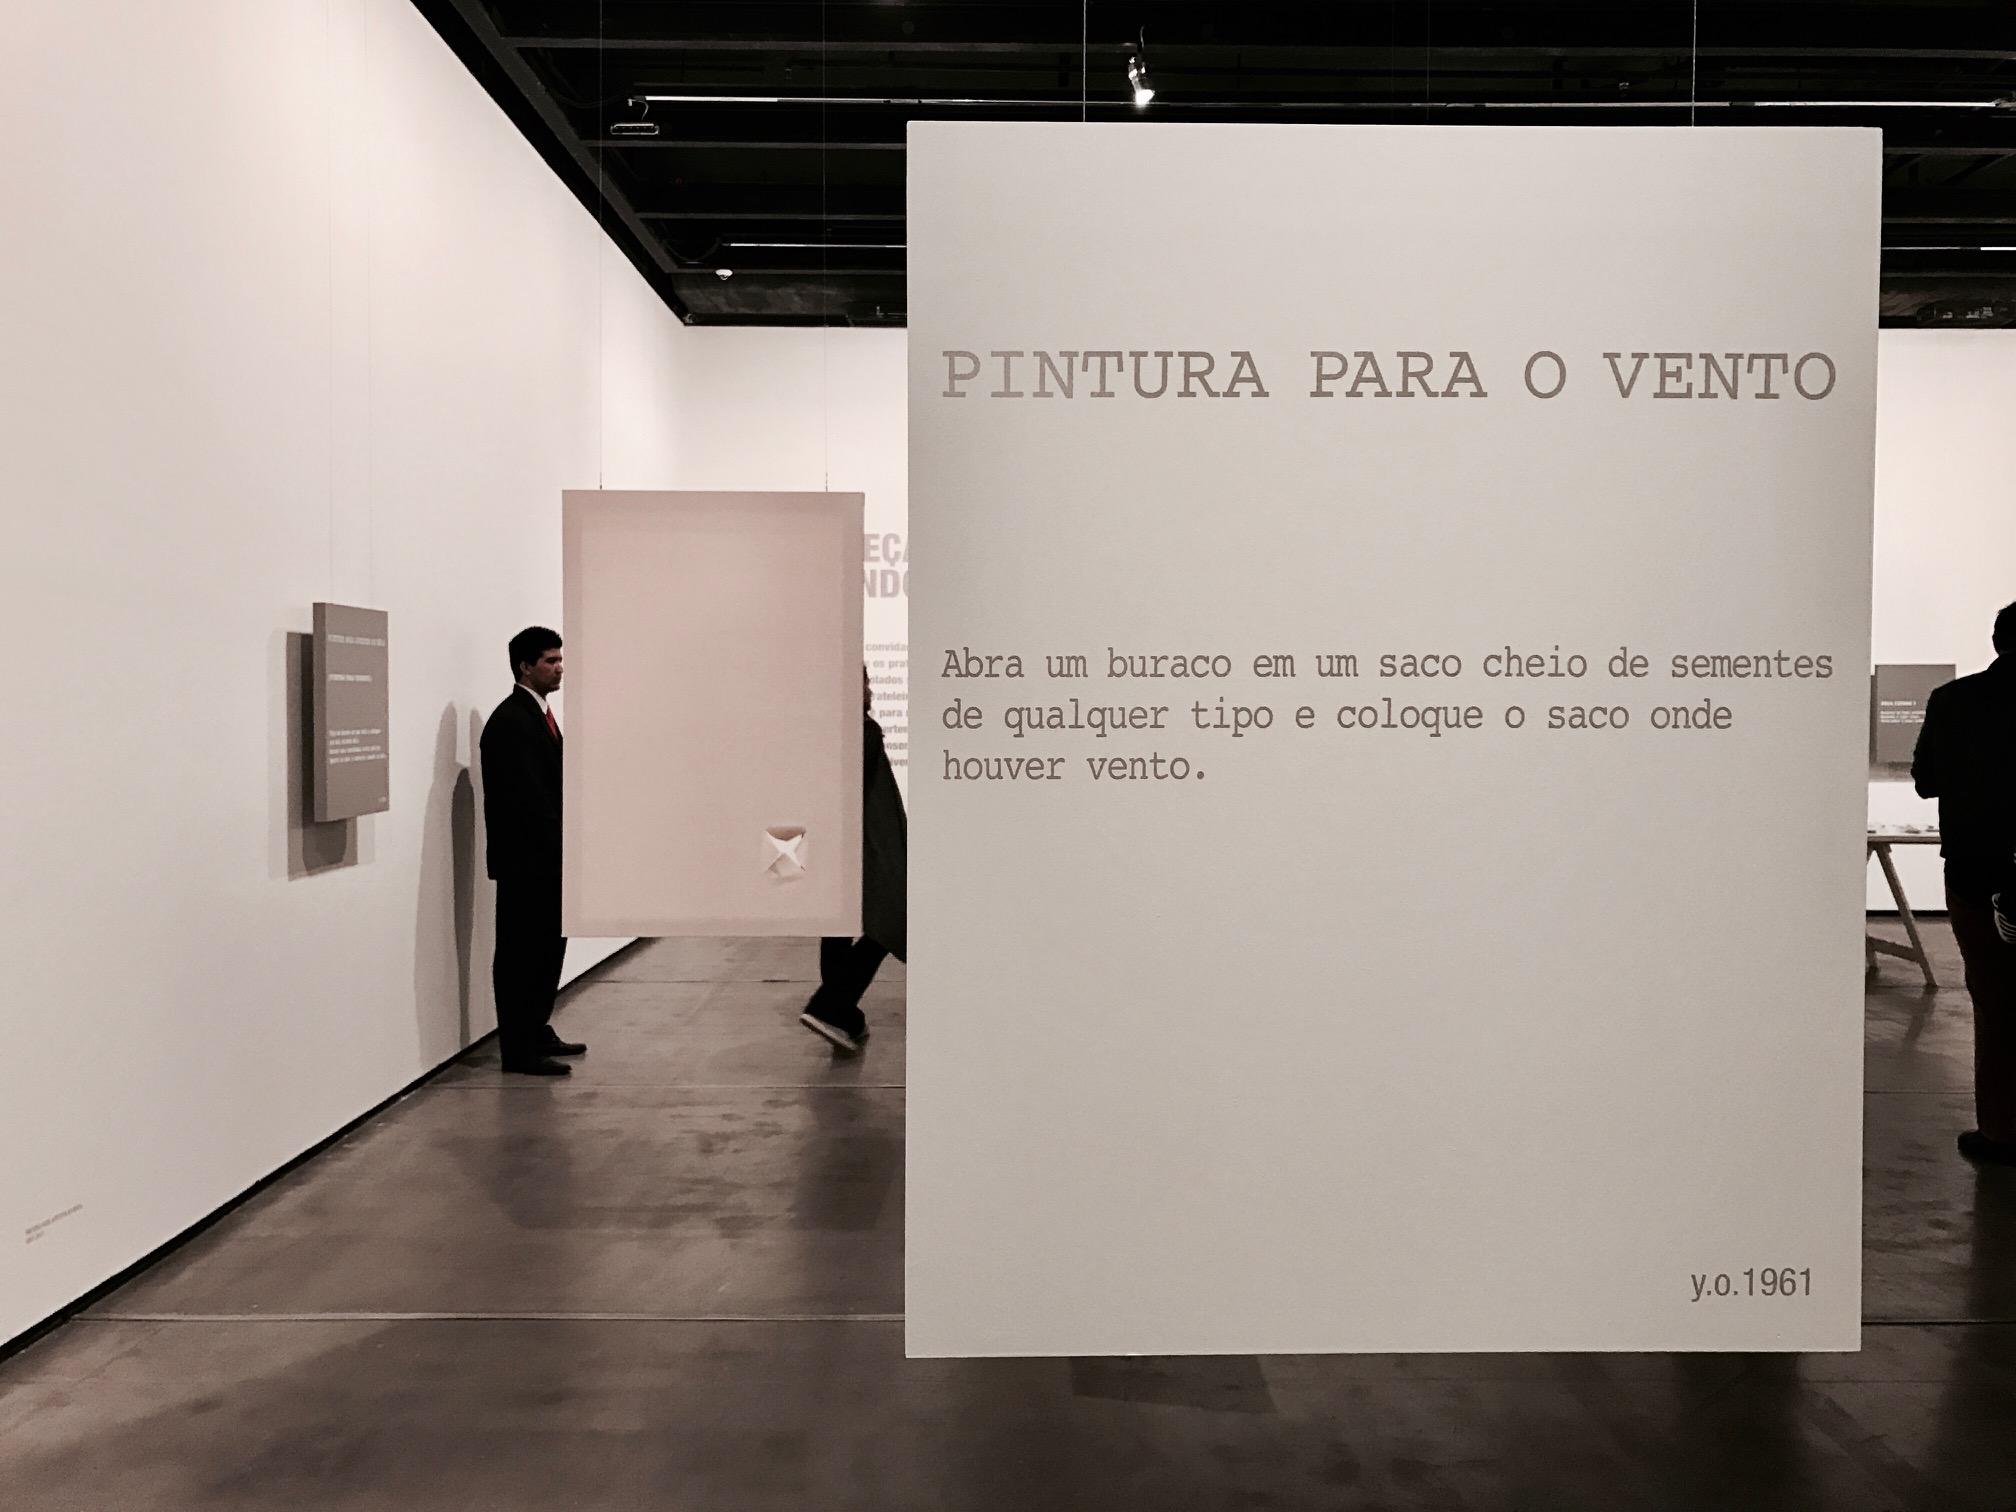 Foto: Renato Salles